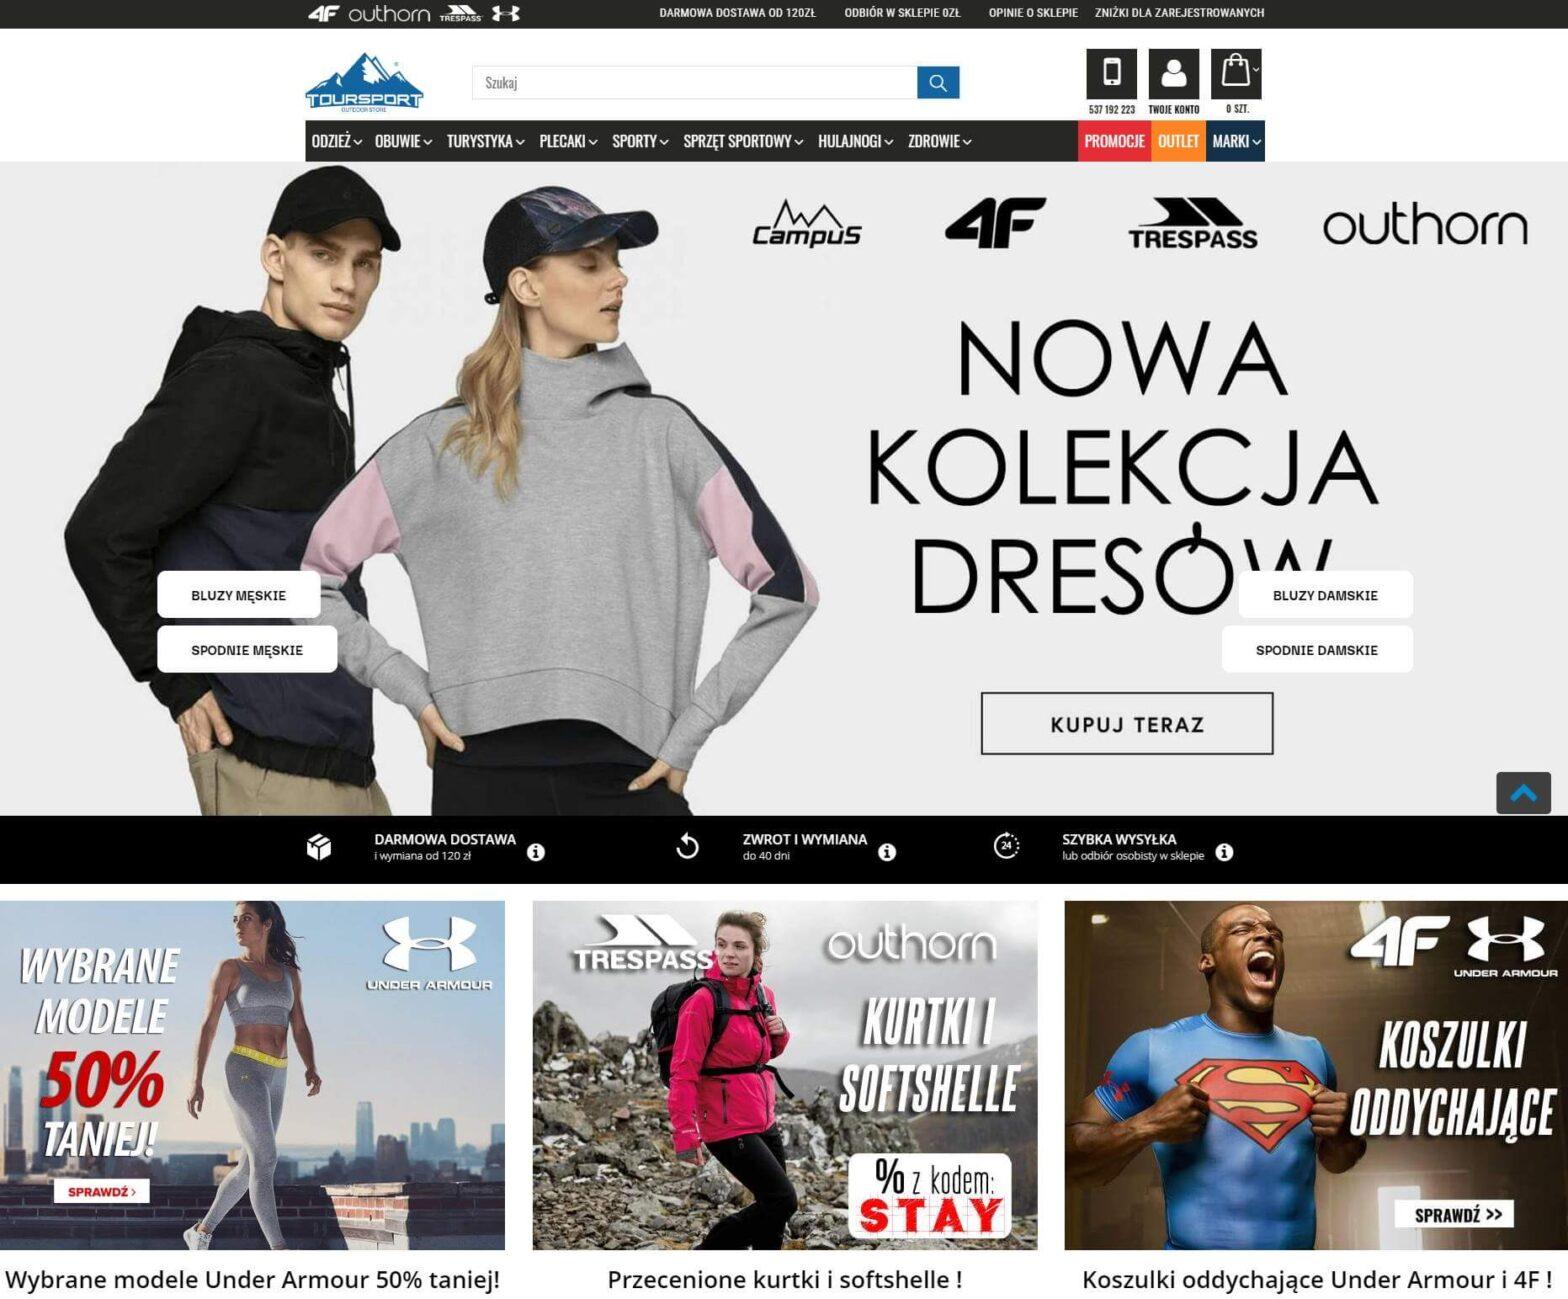 toursport.pl - Markowa odzież i sprzęt sportowy